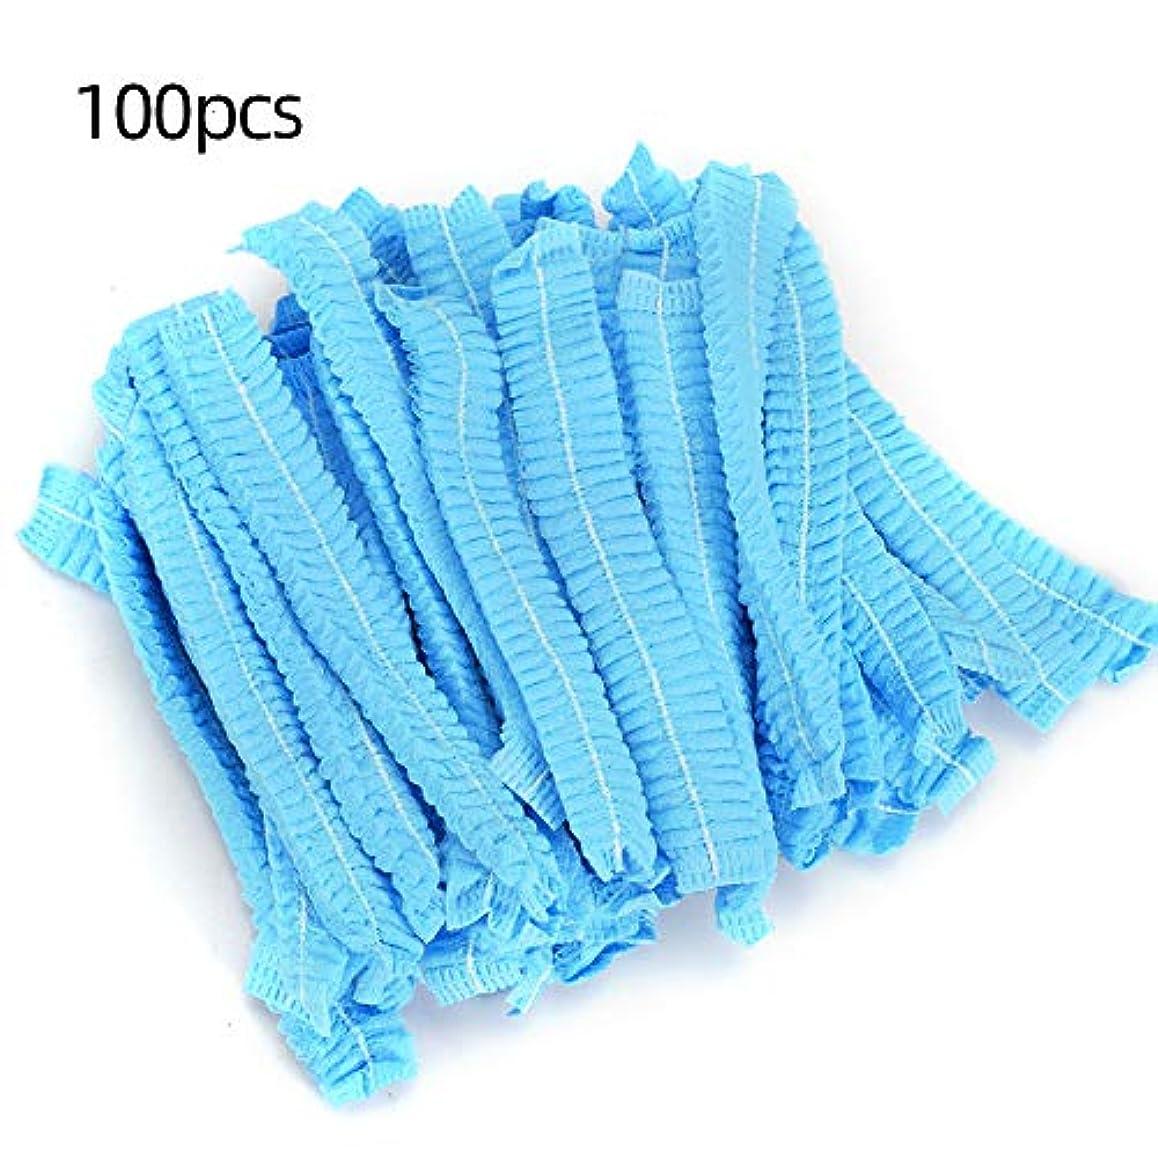 バックアップ規範儀式ATOMUS使い捨てキャップ ヘアネットキャップ 伸縮性フリーサイズ 通気性の防塵使い捨てヘッドカバー 化粧品 美容、キッチン、料理、家庭産業、病院用 (100個)